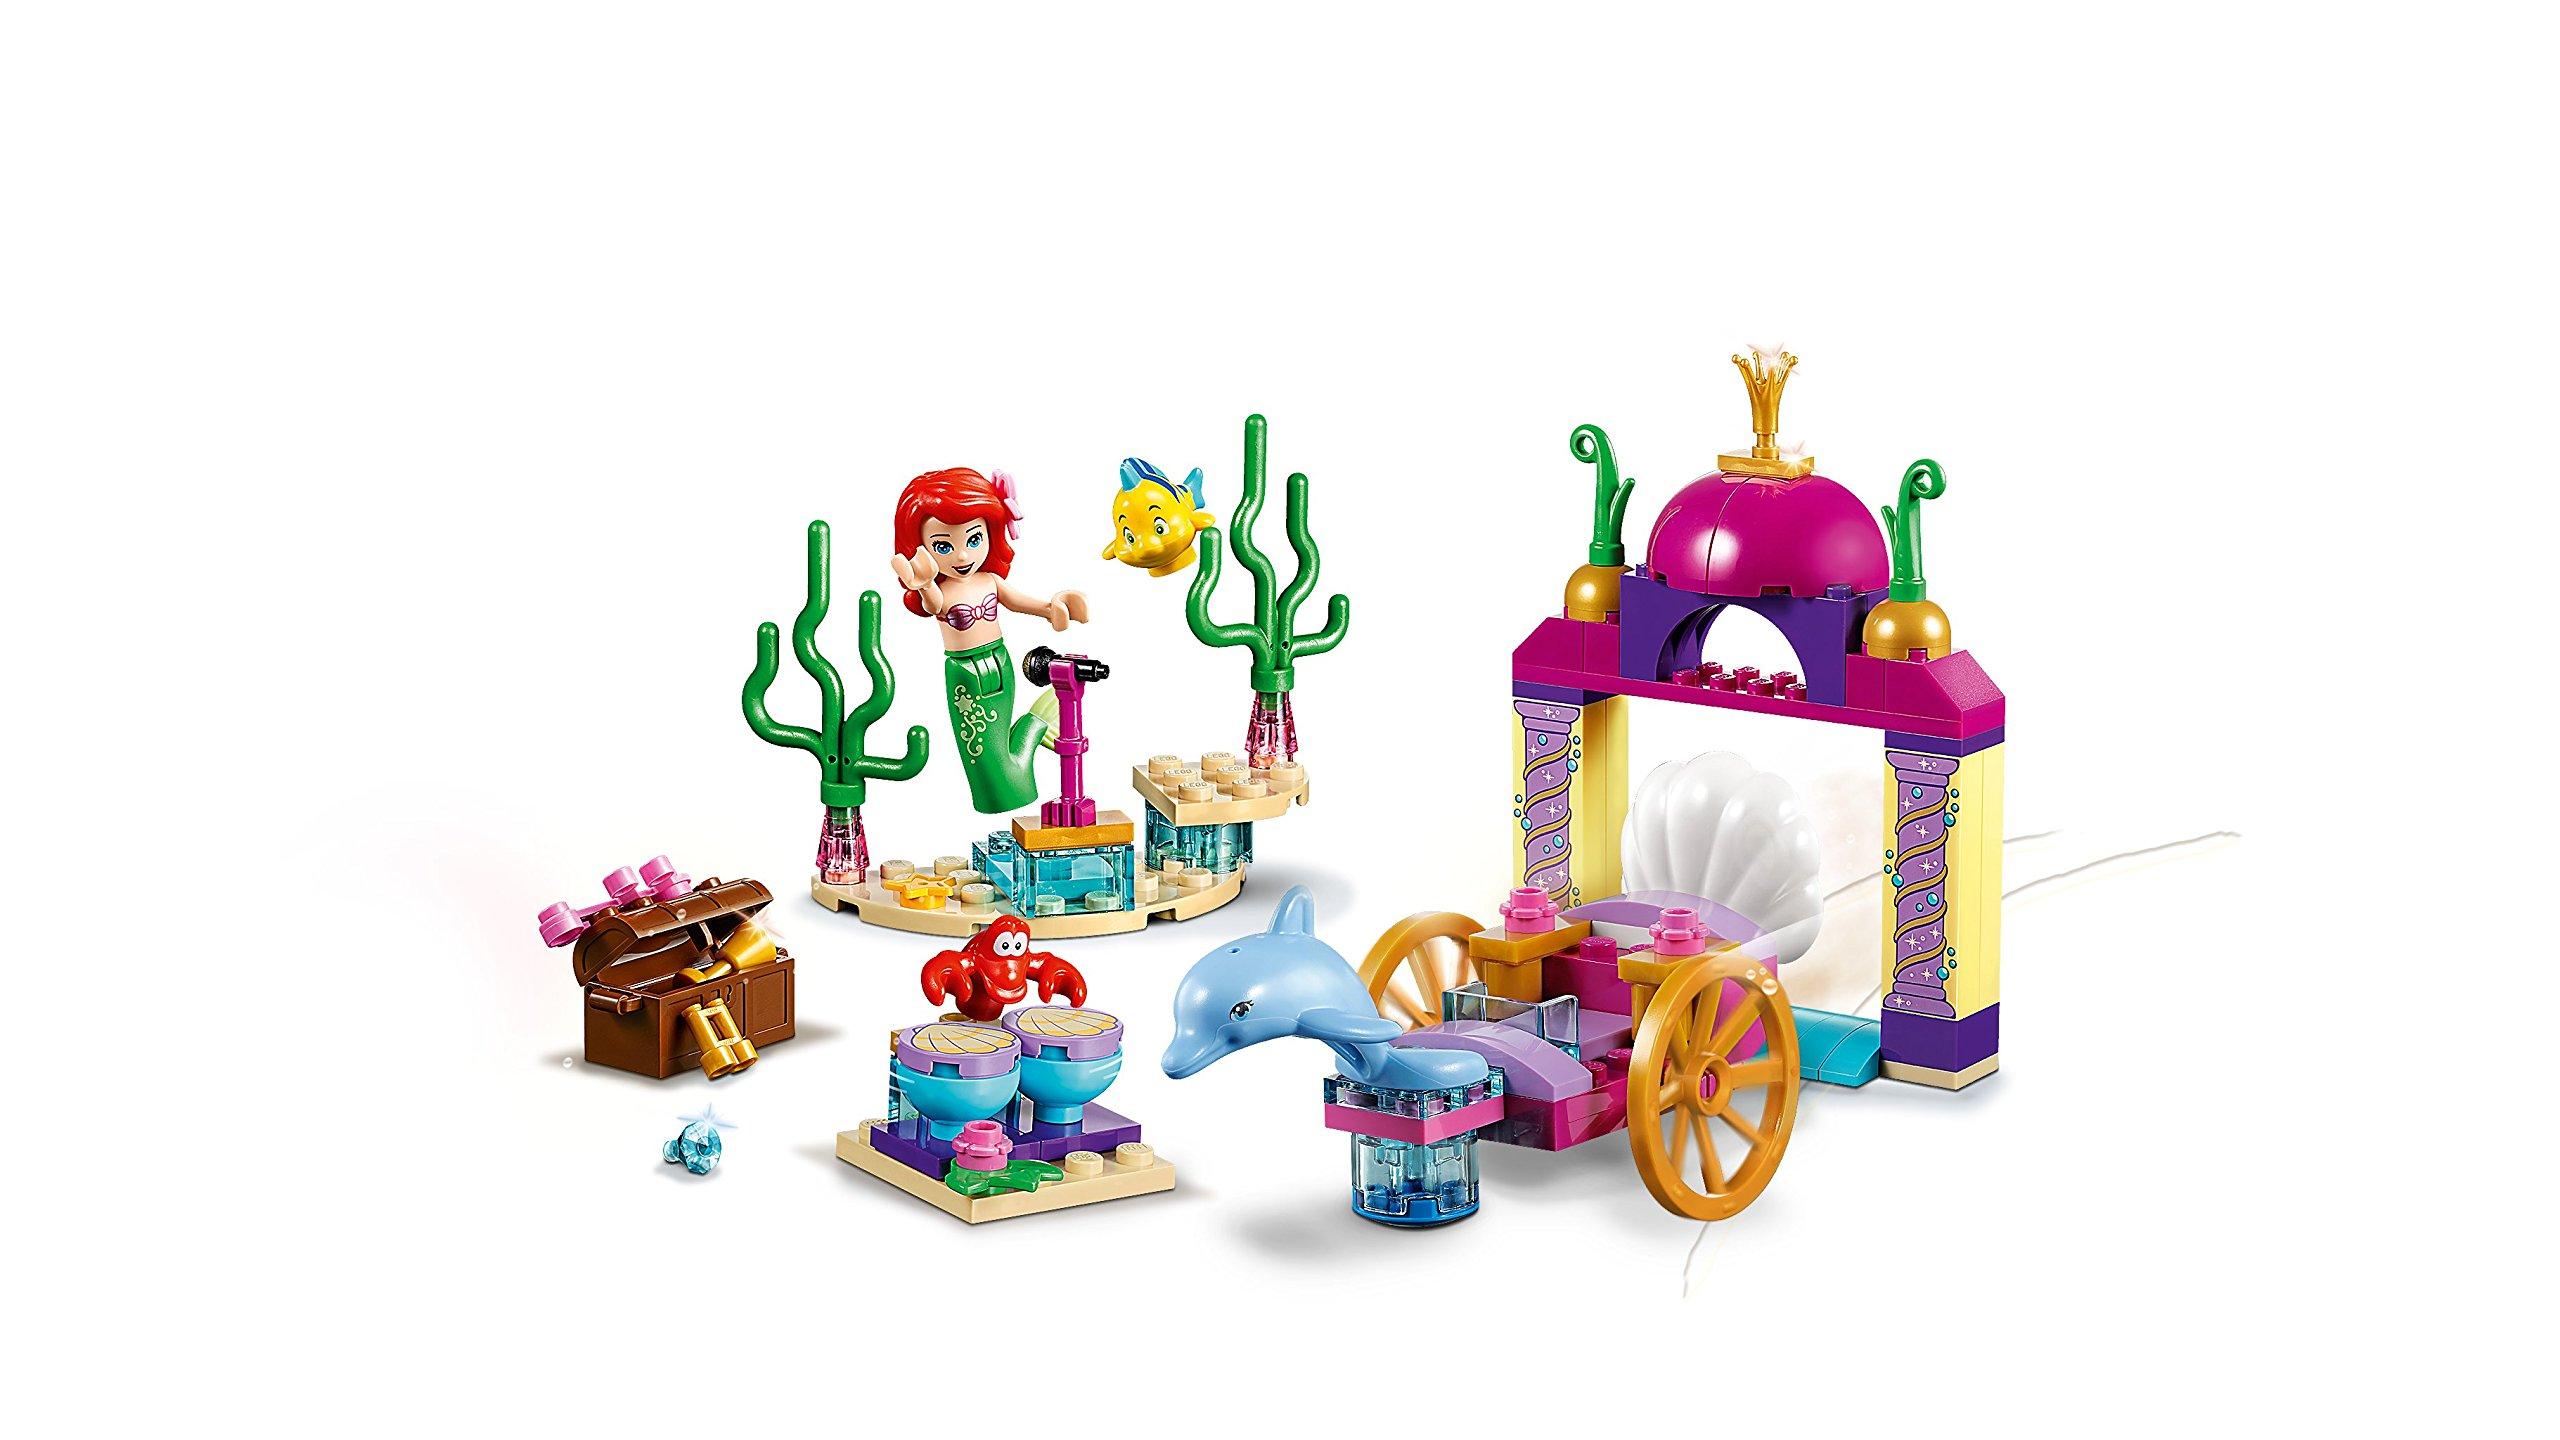 Il concerto sottomarino di Ariel 10765 Lego Princess Juniors Disney La Sirenetta